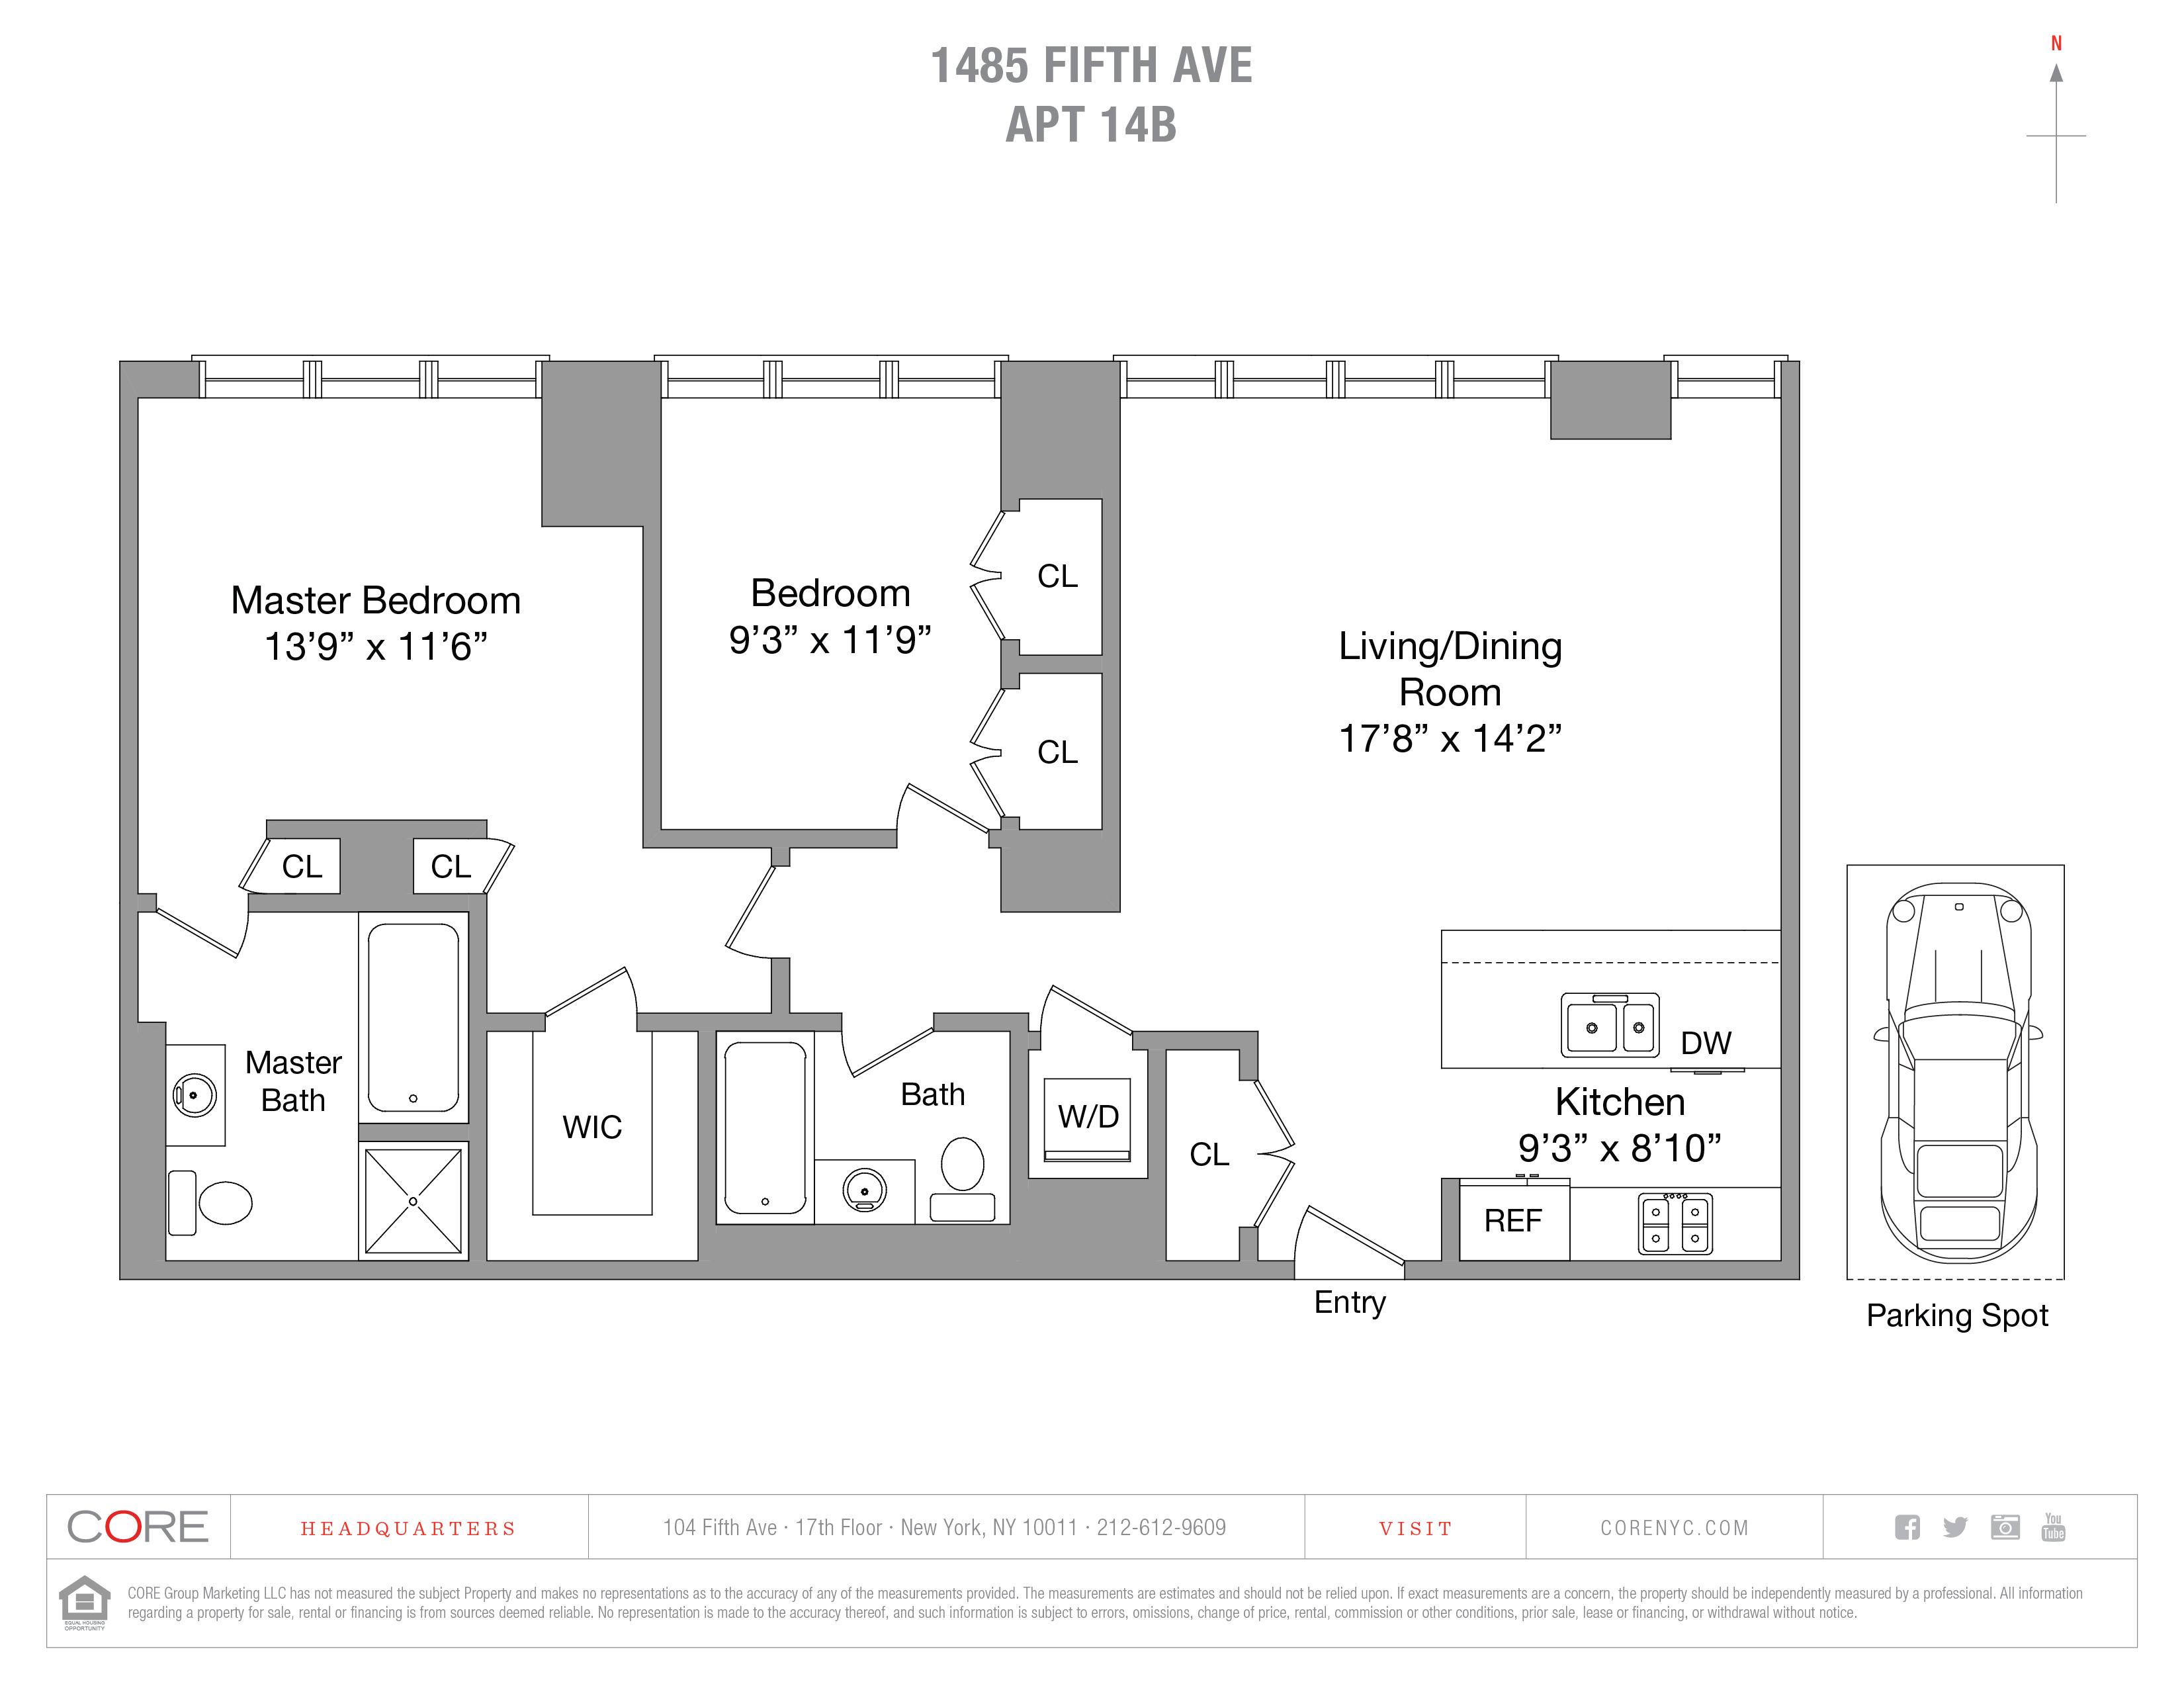 1485 Fifth Ave. 14BB, New York, NY 10035